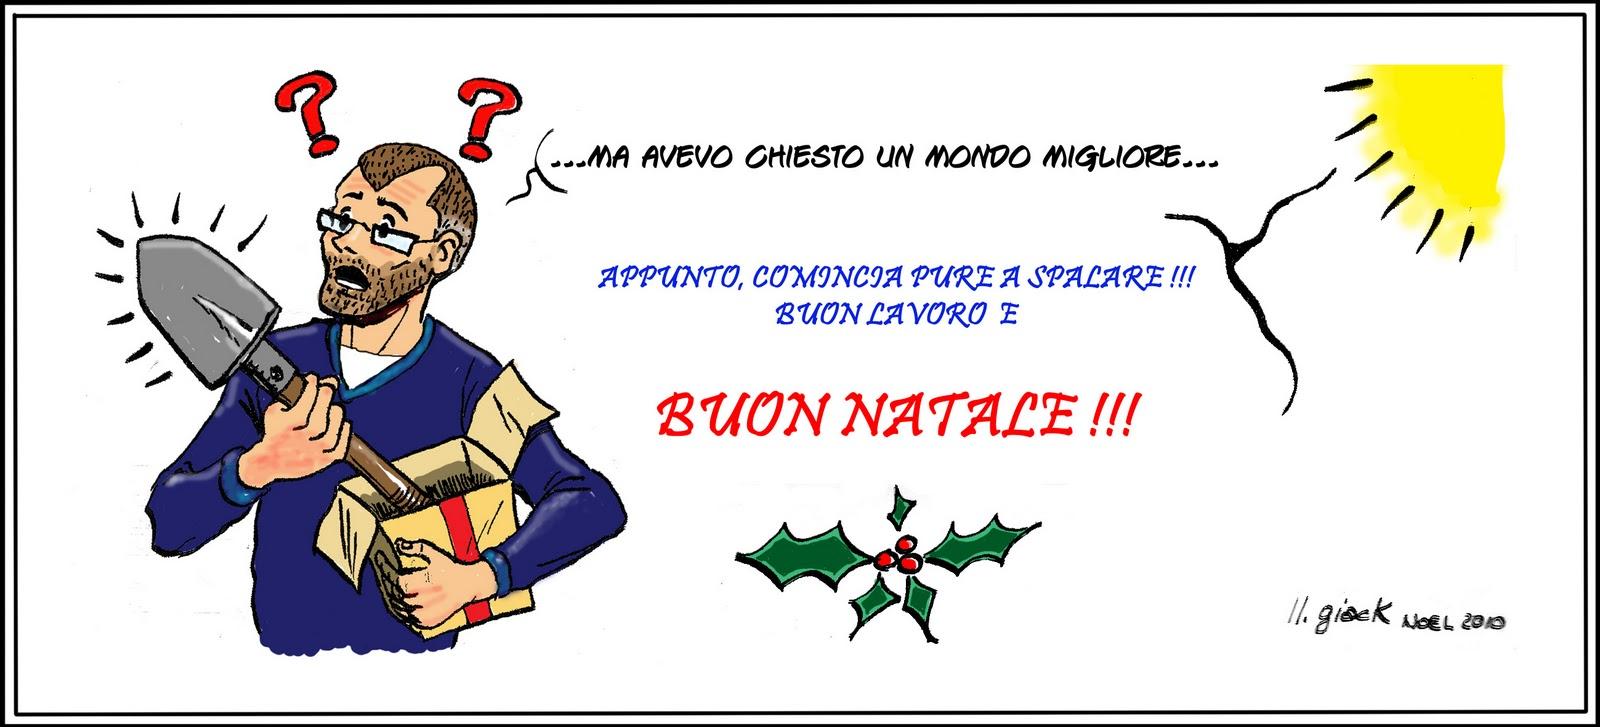 Auguri Di Buon Natale Ufficio.Il Giack La Sintesi E Buon Natale